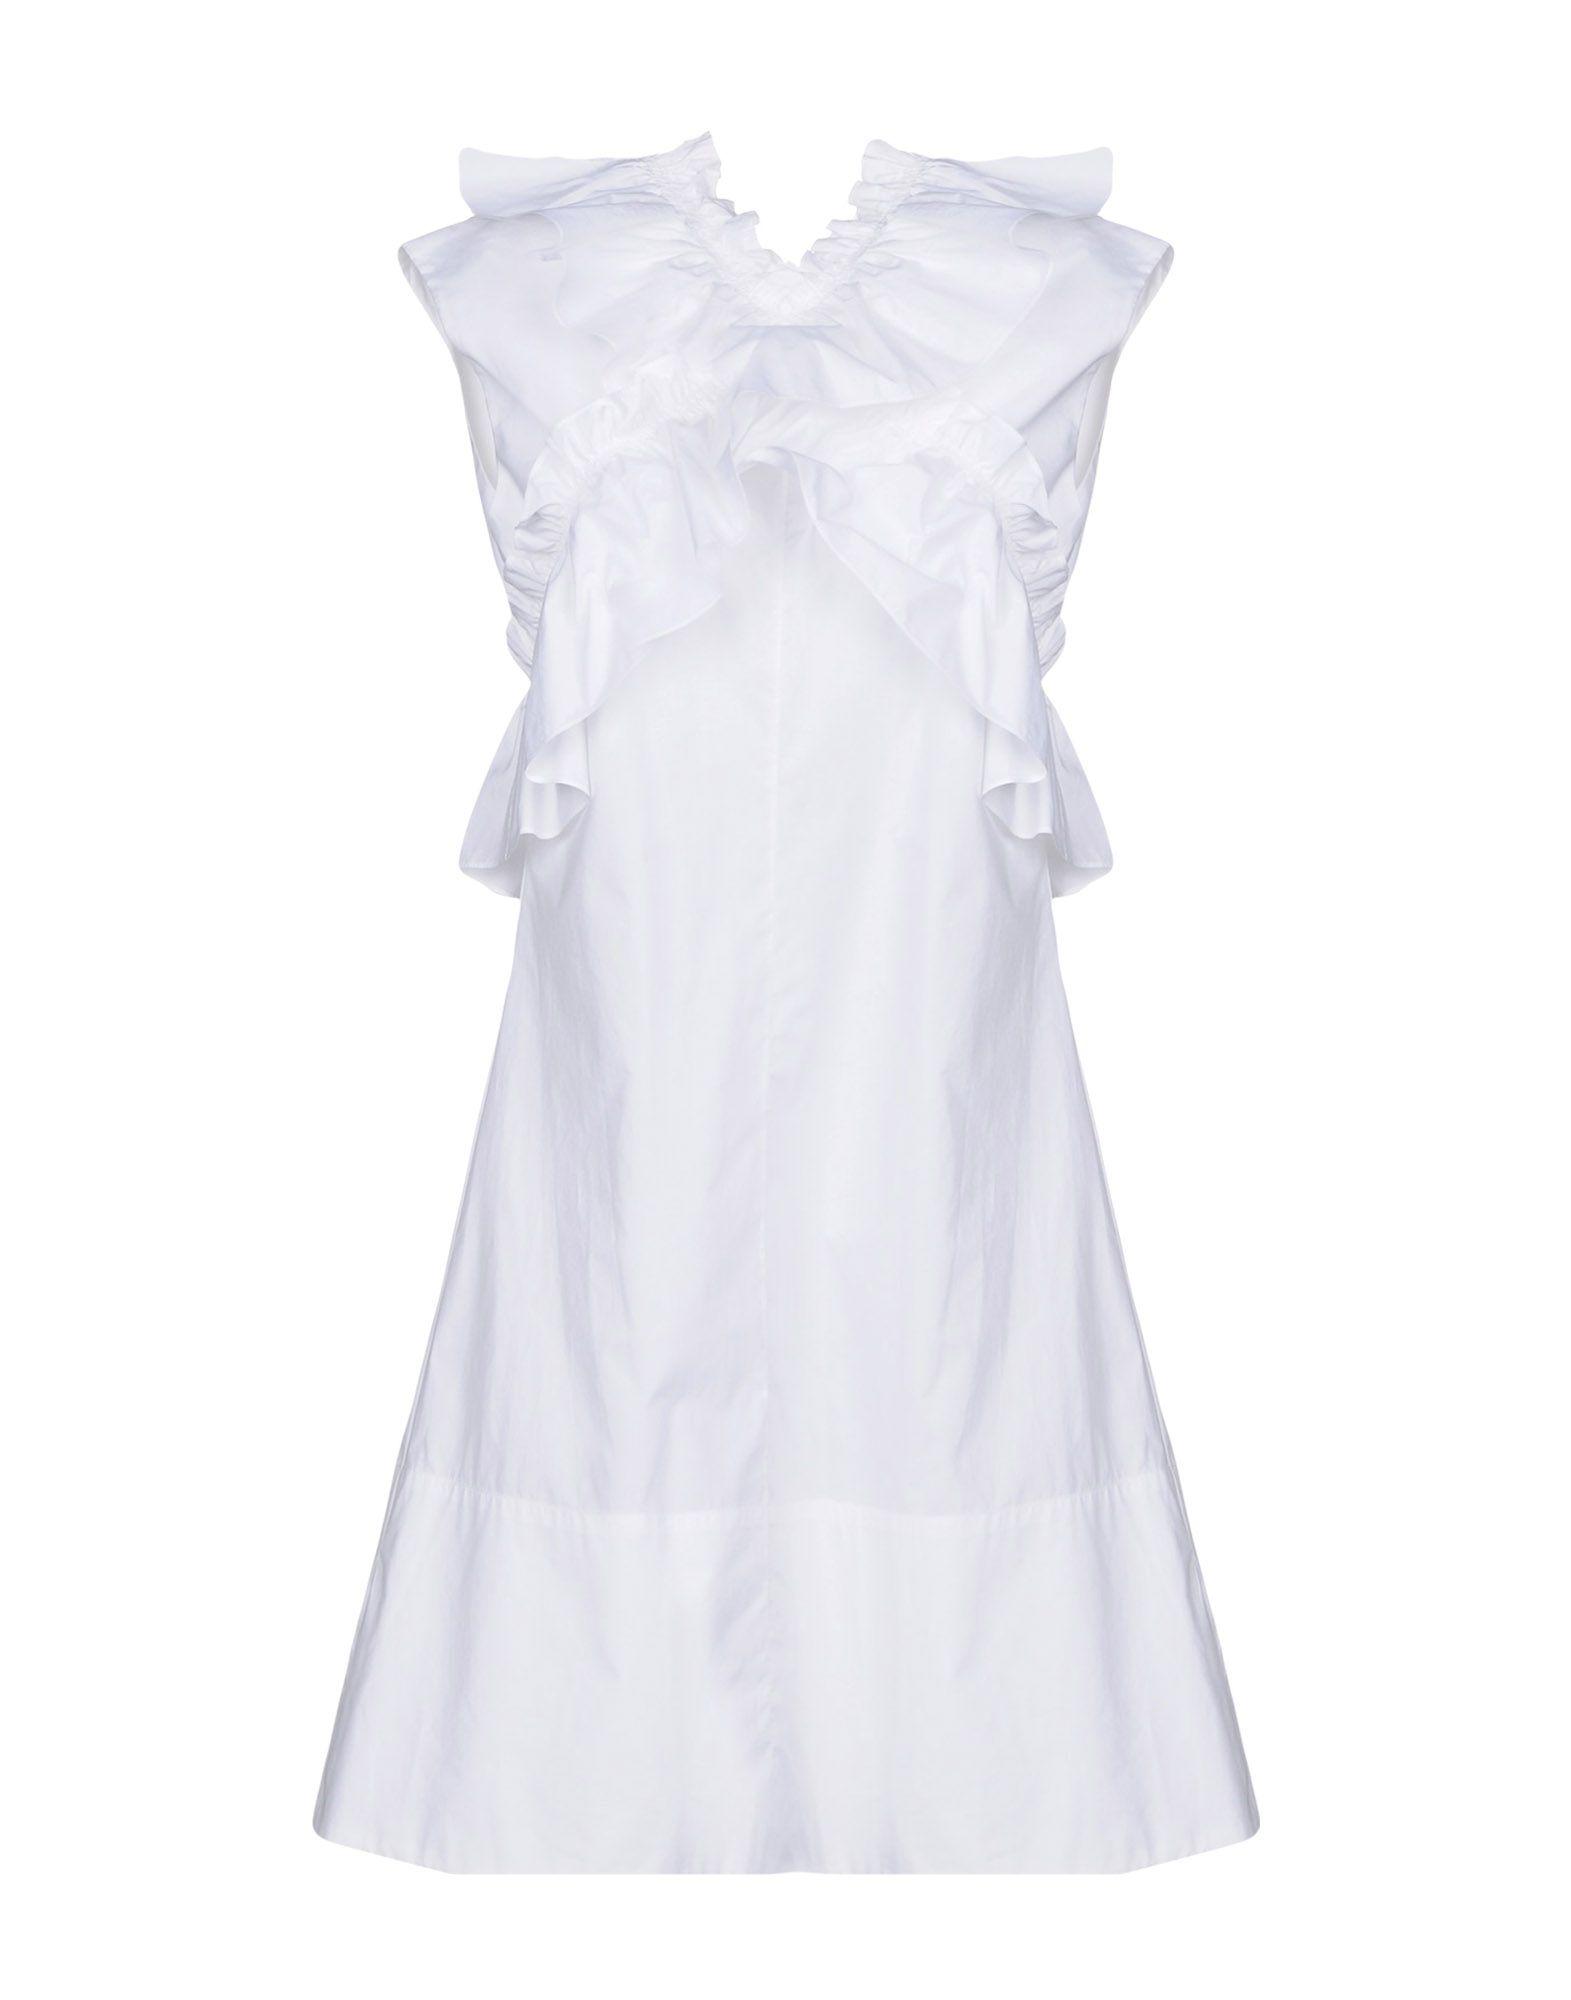 MARNI | MARNI Short dresses 34826396 | Goxip